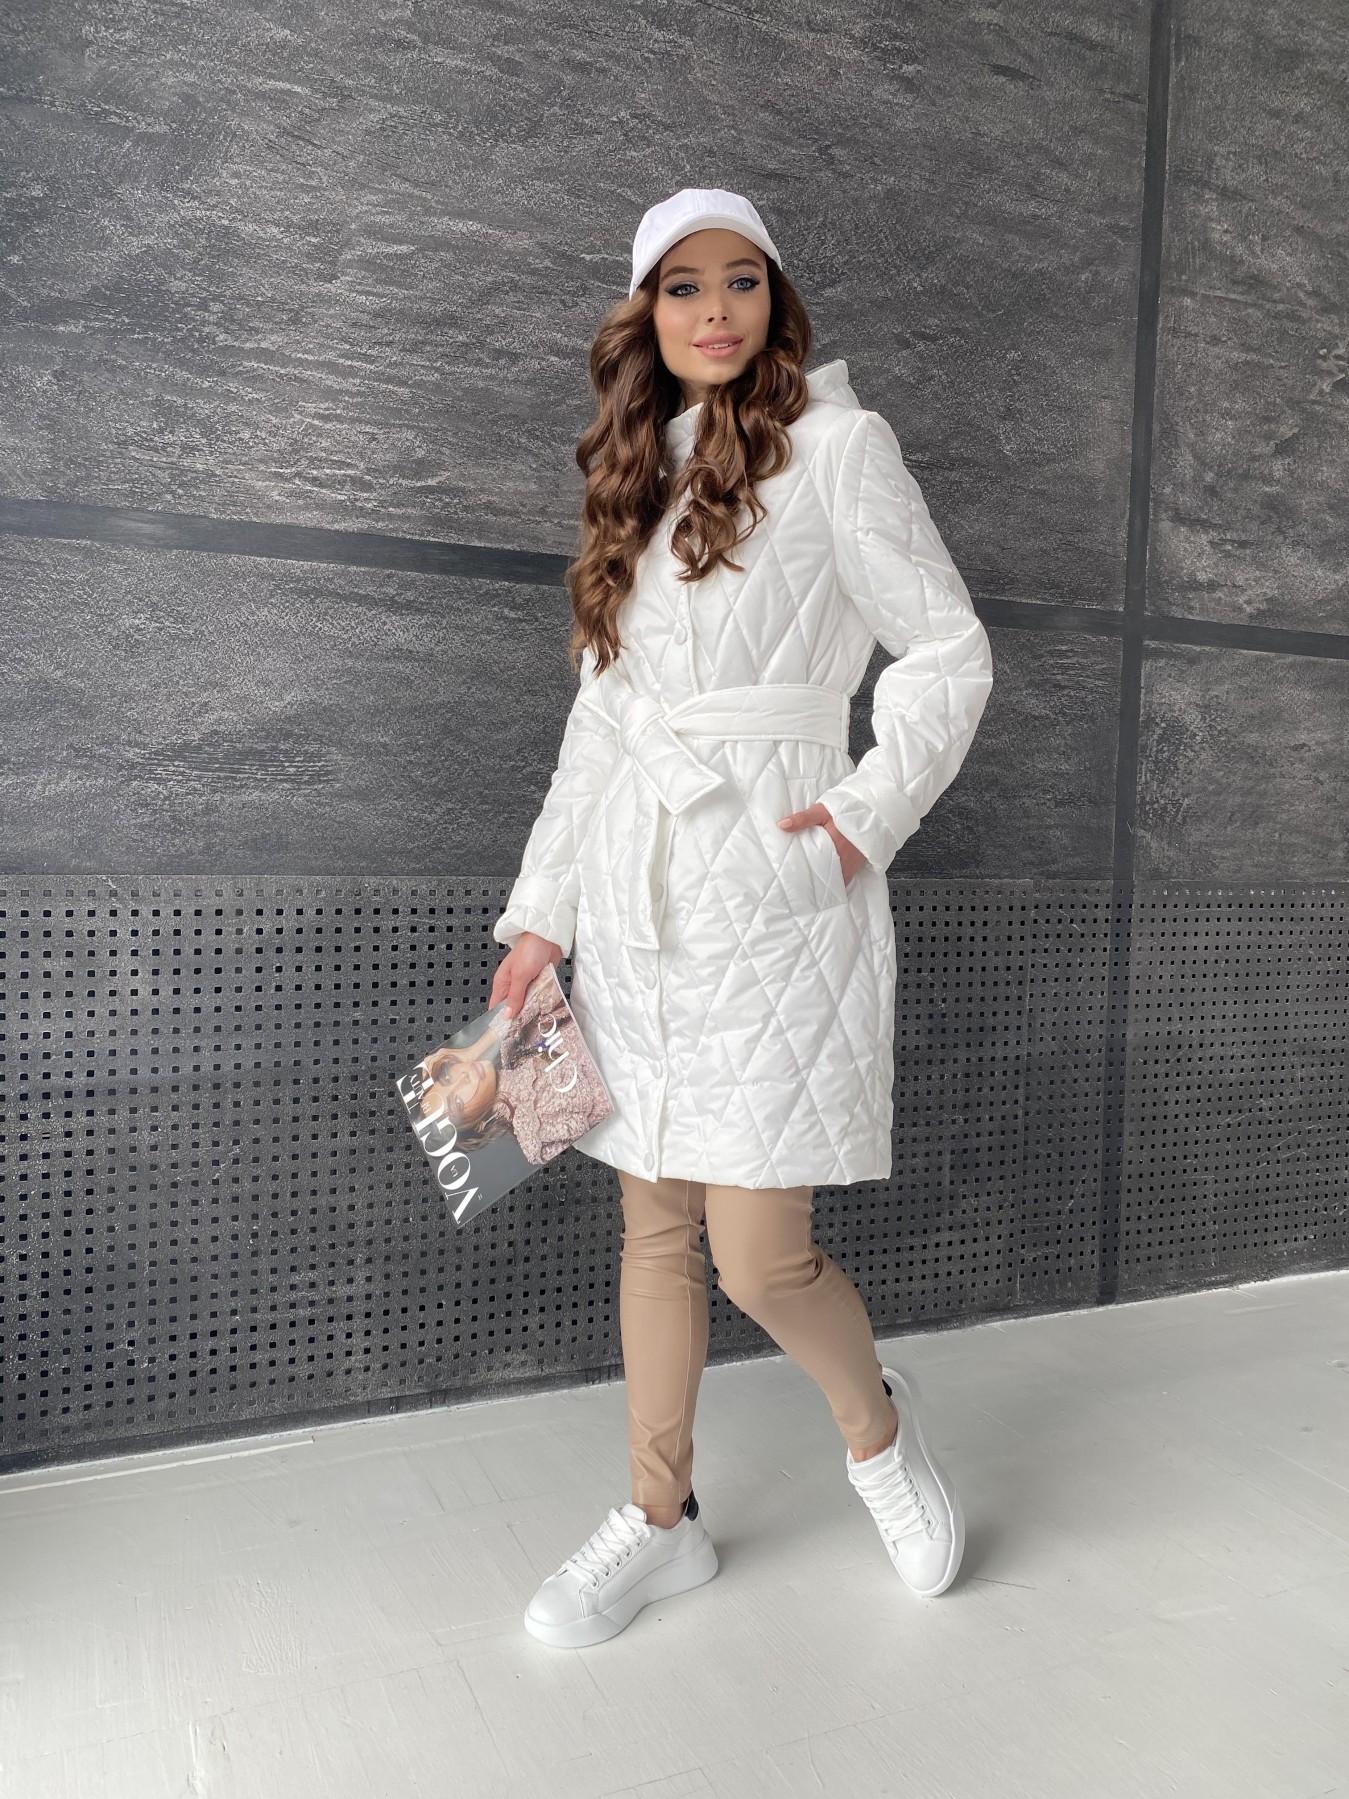 Виза стеганая куртка из плащевой ткани 11015 АРТ. 47516 Цвет: Молоко - фото 3, интернет магазин tm-modus.ru